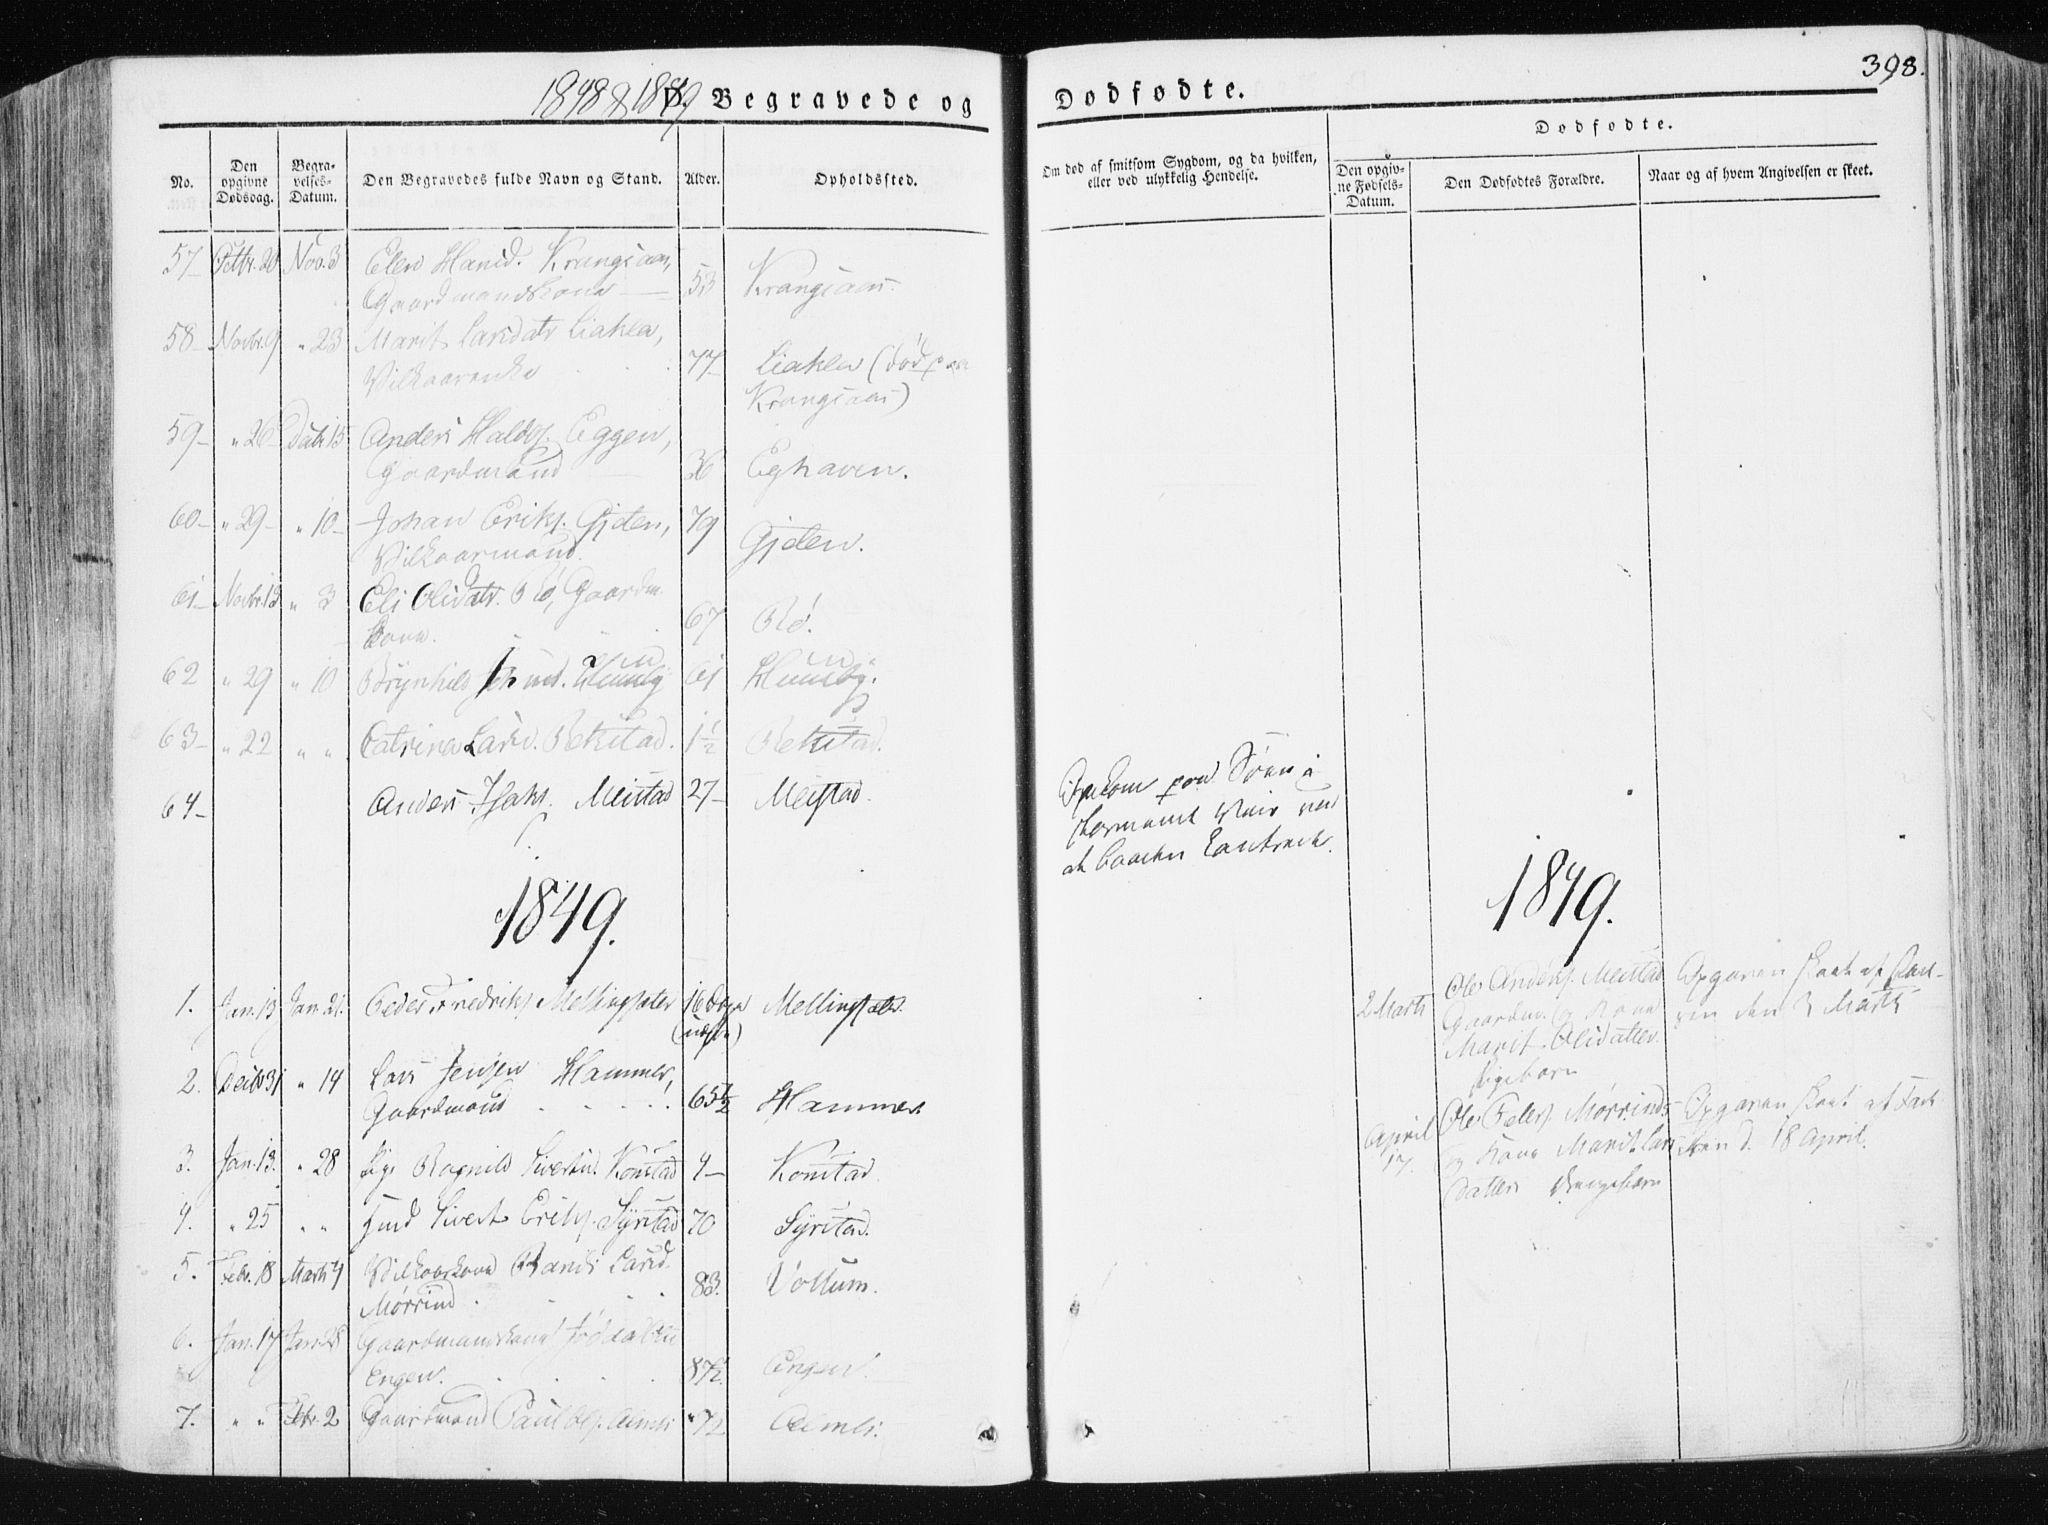 SAT, Ministerialprotokoller, klokkerbøker og fødselsregistre - Sør-Trøndelag, 665/L0771: Ministerialbok nr. 665A06, 1830-1856, s. 398